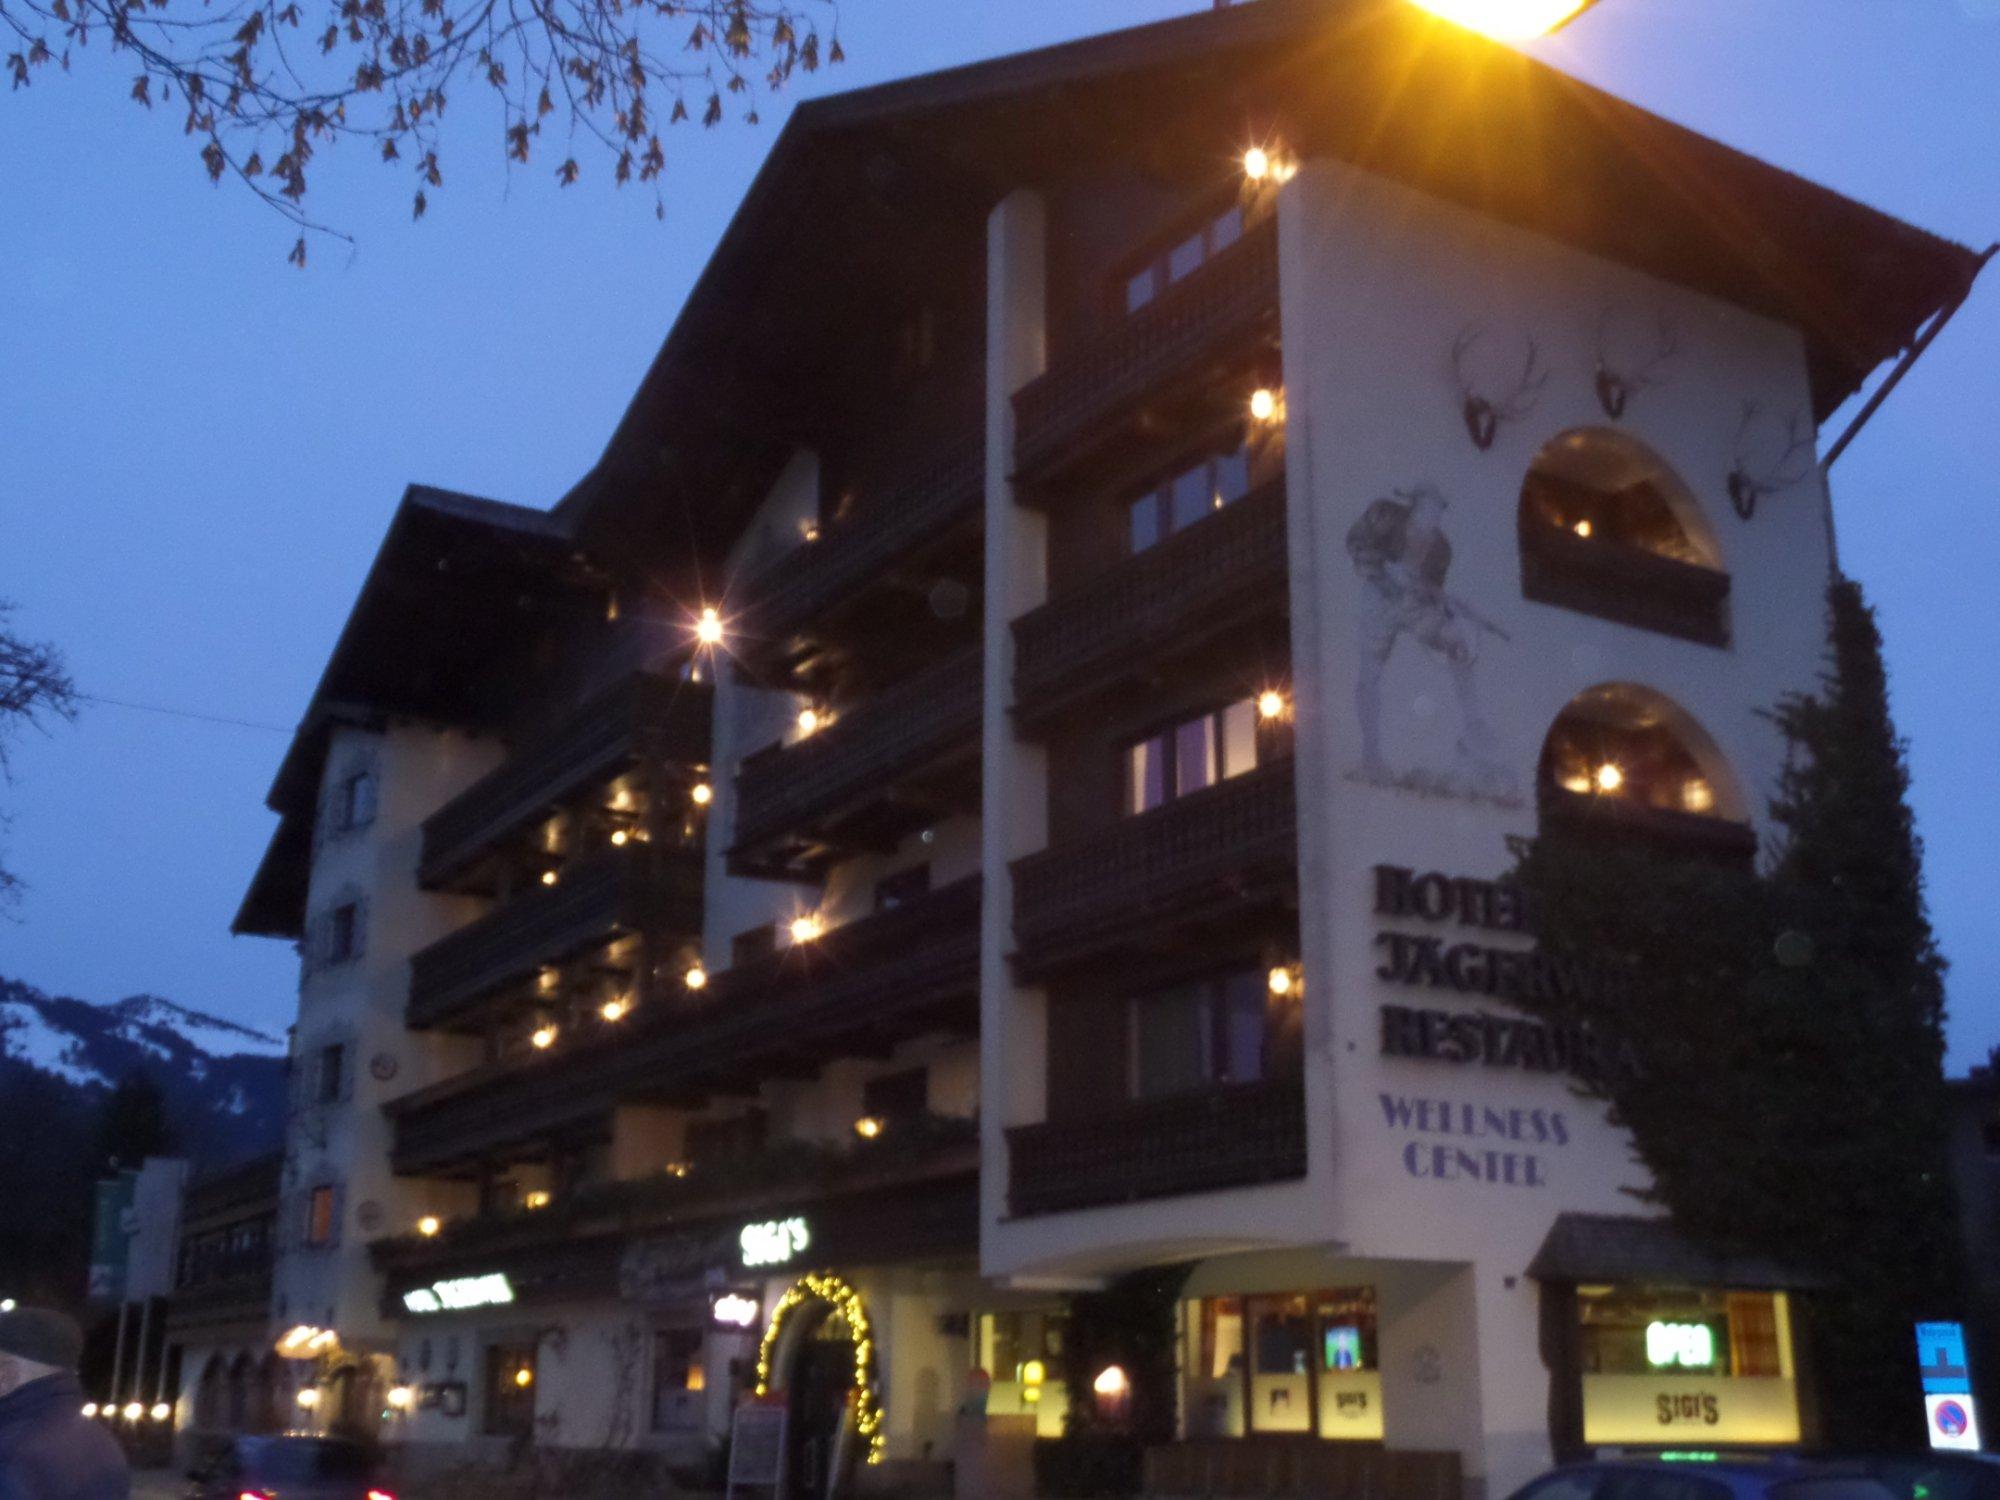 Jagerwirt Hotel